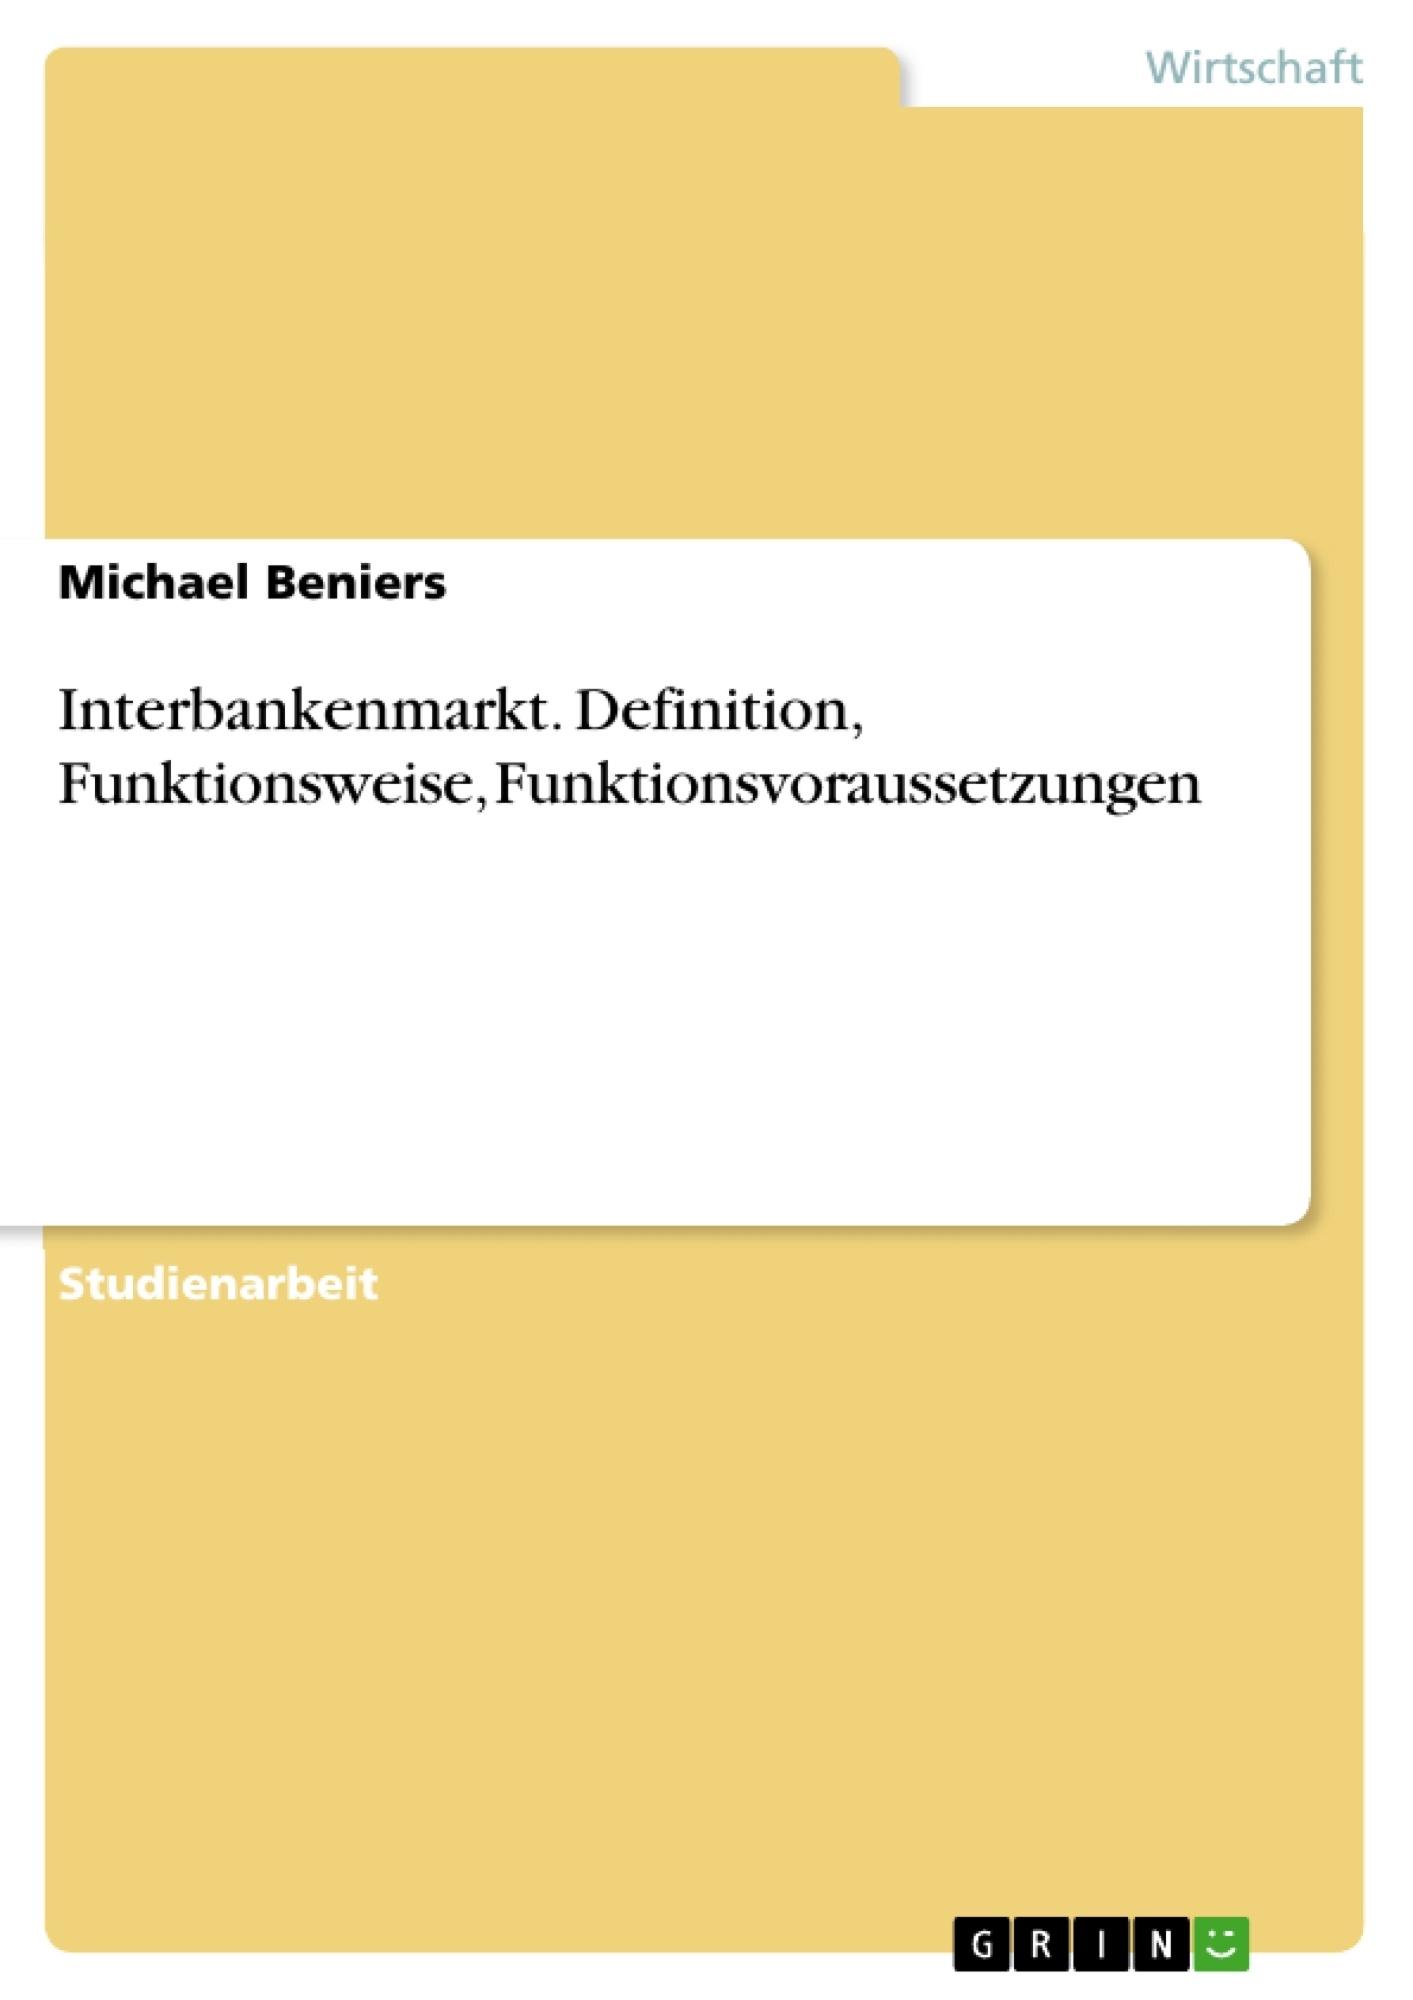 Titel: Interbankenmarkt. Definition, Funktionsweise, Funktionsvoraussetzungen